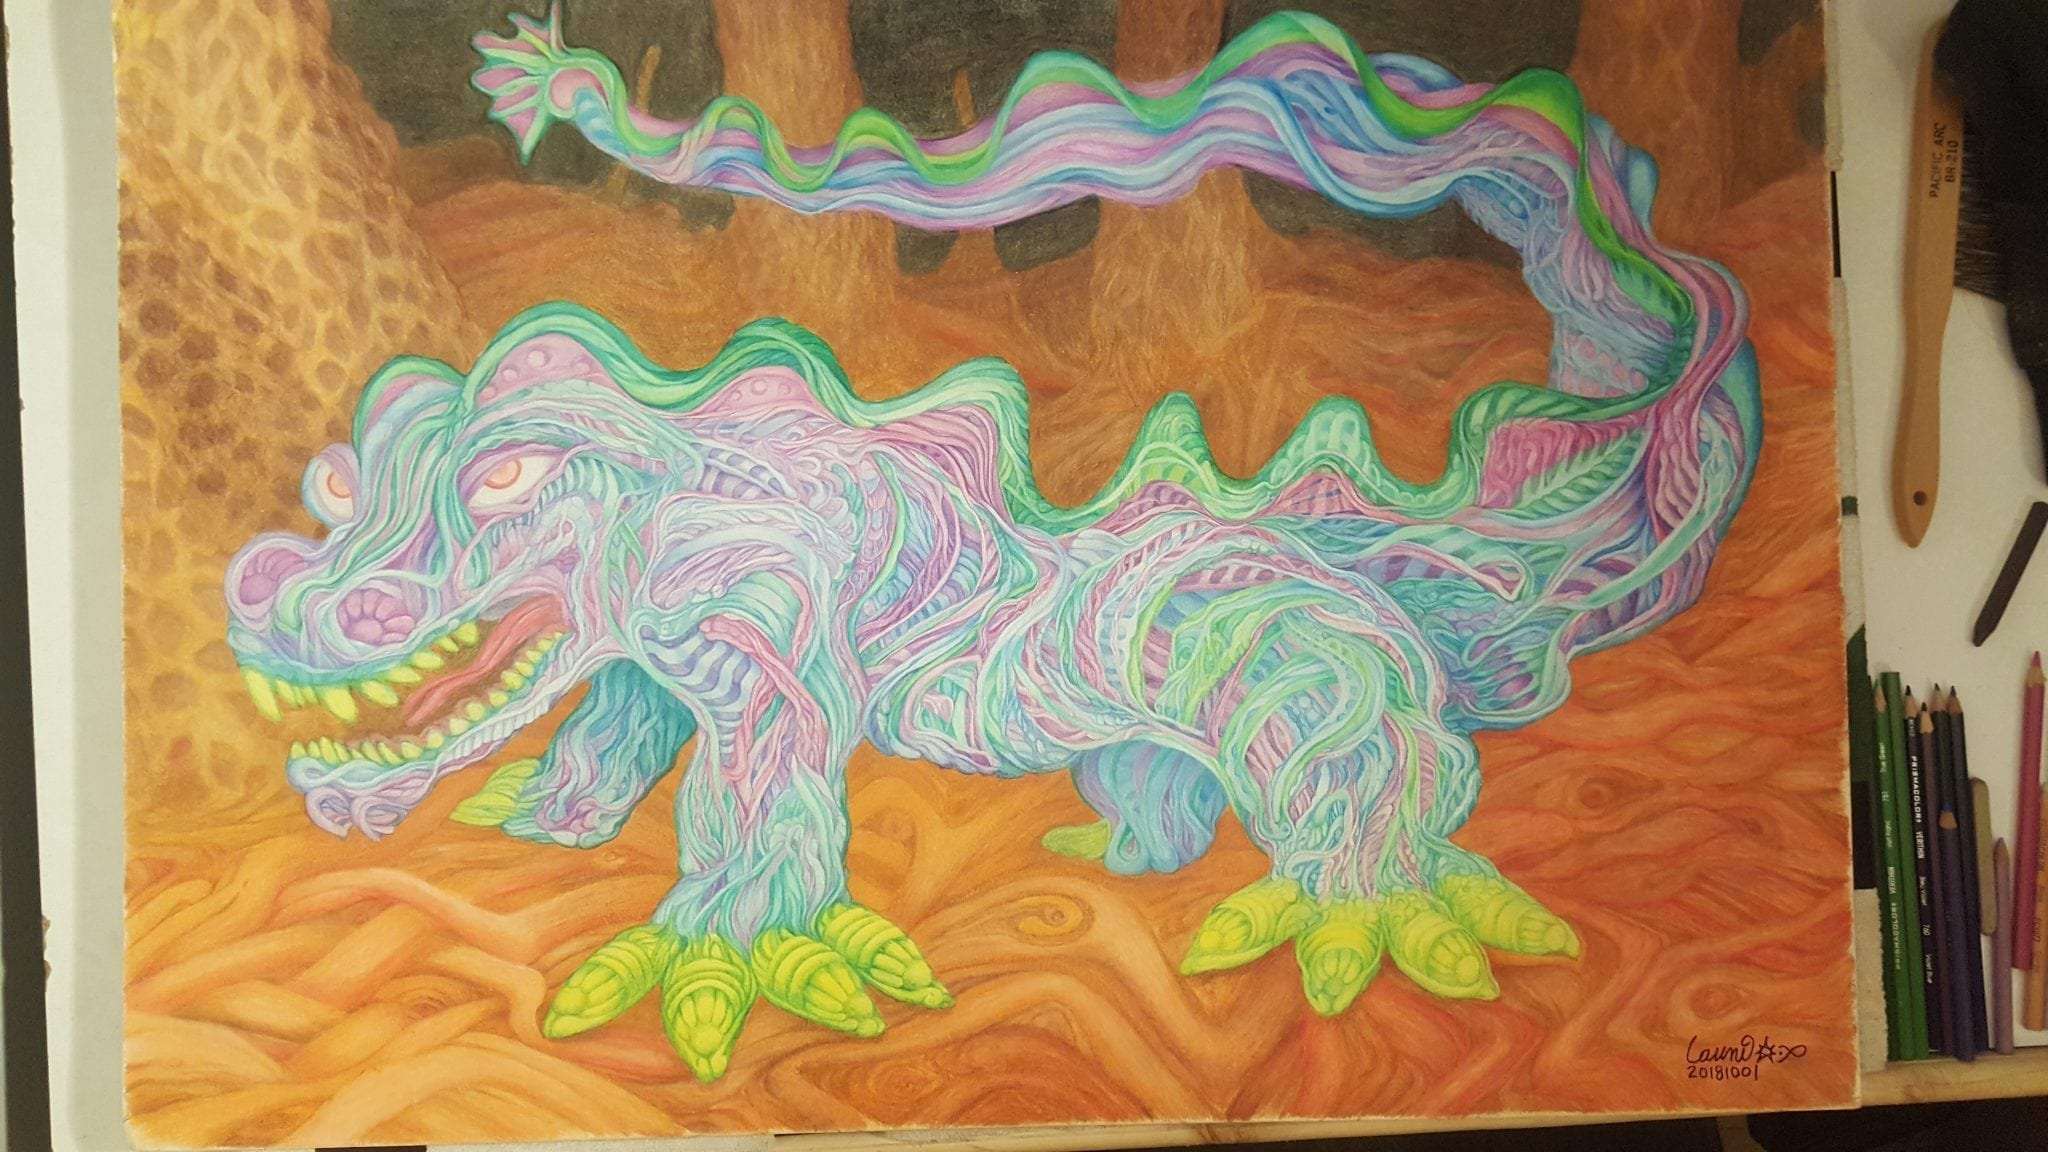 Sea Weed Dragon